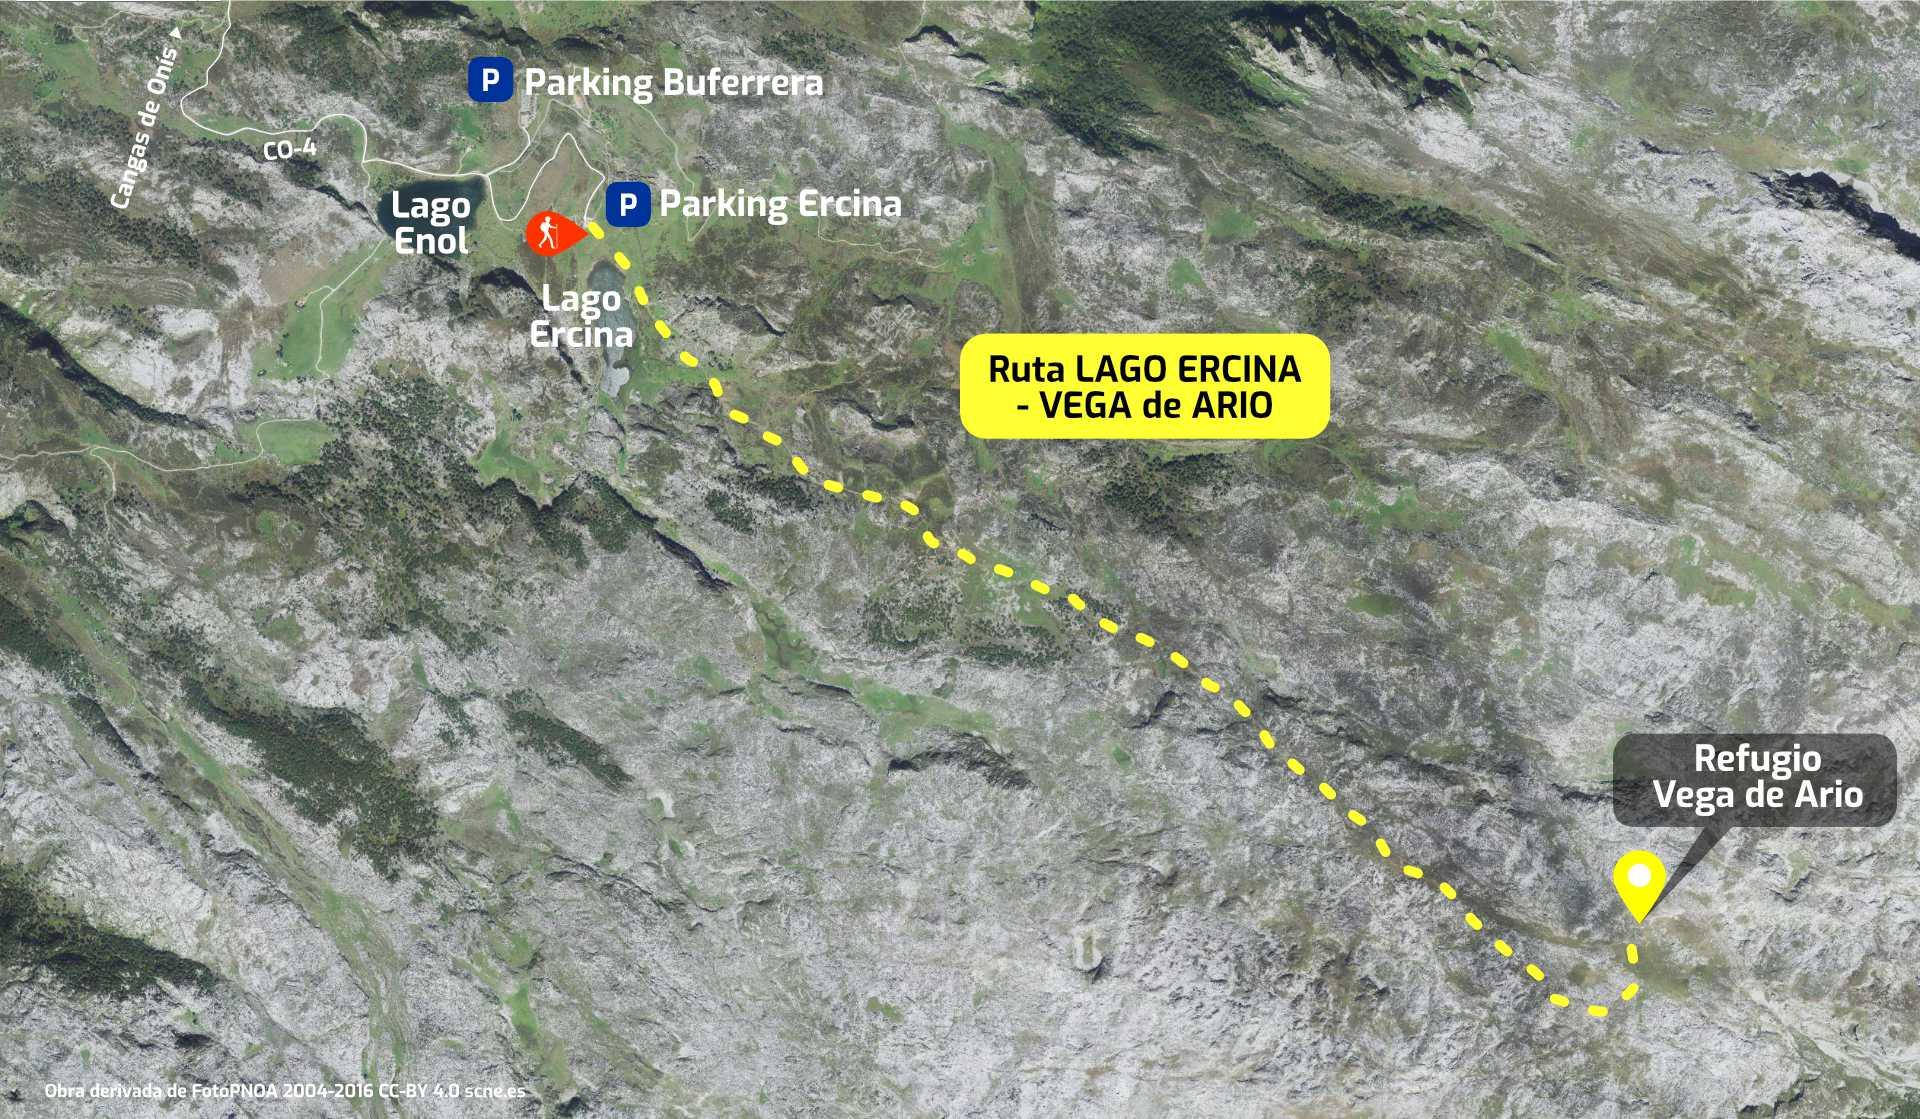 Mapa del recorrido de la ruta desde los Lagos de Covadonga a la Vega de Ario, en Picos de Europa